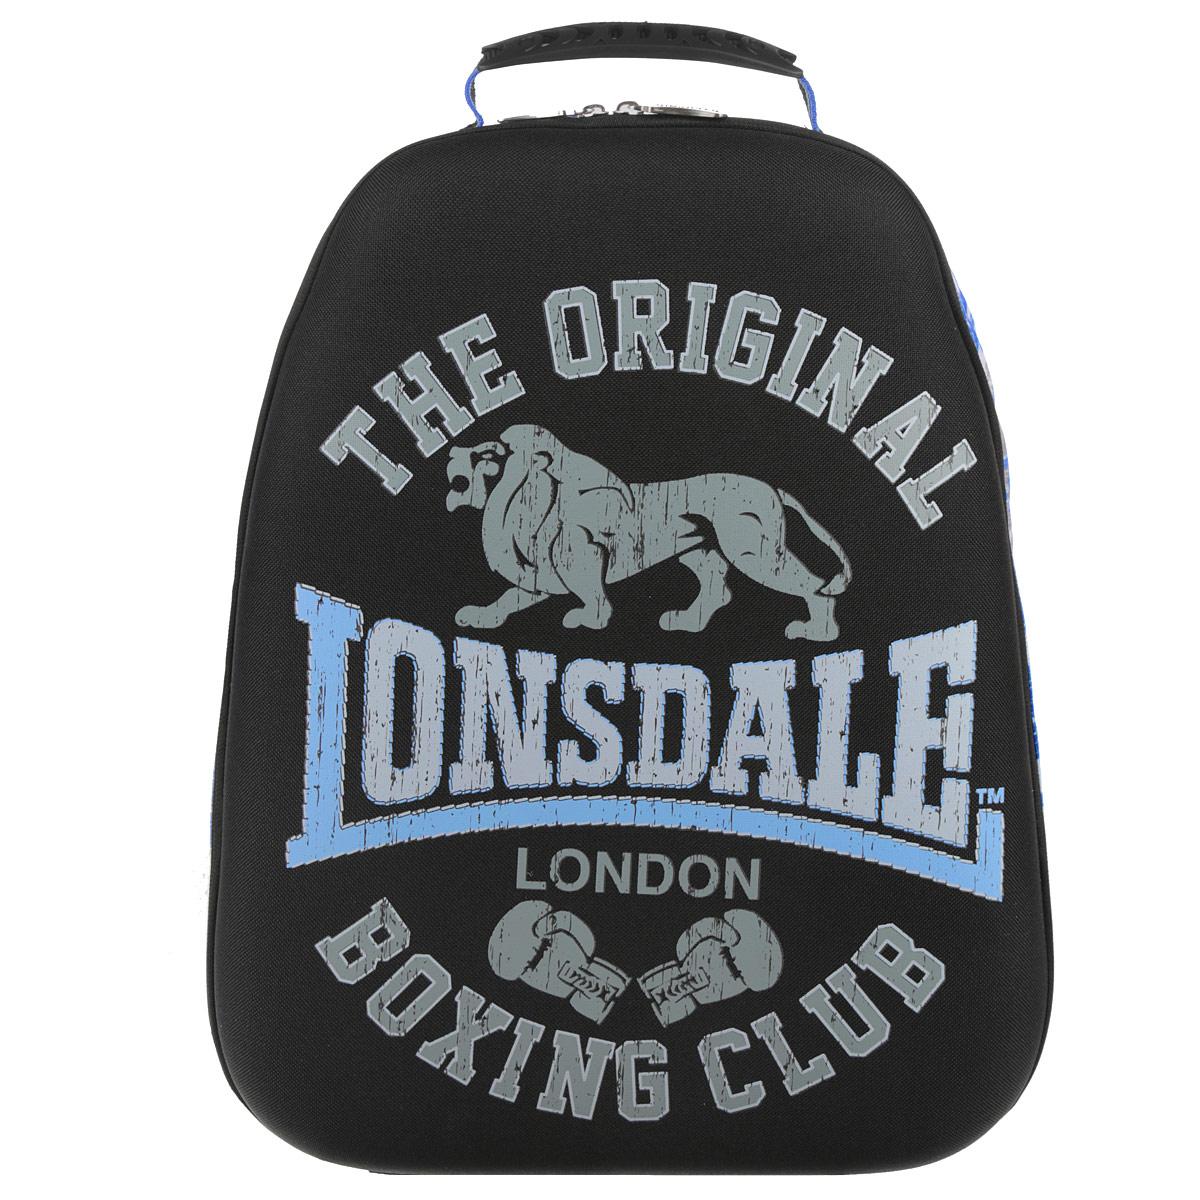 Рюкзак молодежный Lonsdale, цвет: черный, серый, голубой. LSCB-UT1-E150LSCB-UT1-E150Стильный и молодежный рюкзак Lonsdale сочетает в себе современный дизайн, функциональность и долговечность. Выполнен из прочных материалов и оформлен изображением льва. Содержит изделие одно вместительное отделение на застежке-молнии с двумя бегунками. Внутри отделения находятся: открытый карман- сетка, карман-сетка на молнии, две мягкие перегородки и отделение для мобильного телефона. Фронтальная панель рюкзака выполнена из EVA, благодаря чему рюкзак не деформируется. Мягкие широкие лямки регулируются по длине. Рюкзак оснащен эргономичной ручкой для удобной переноски в руке. Этот рюкзак можно использовать для повседневных прогулок, отдыха и спорта, а также как элемент вашего имиджа. Рекомендуемый возраст: от 12 лет.